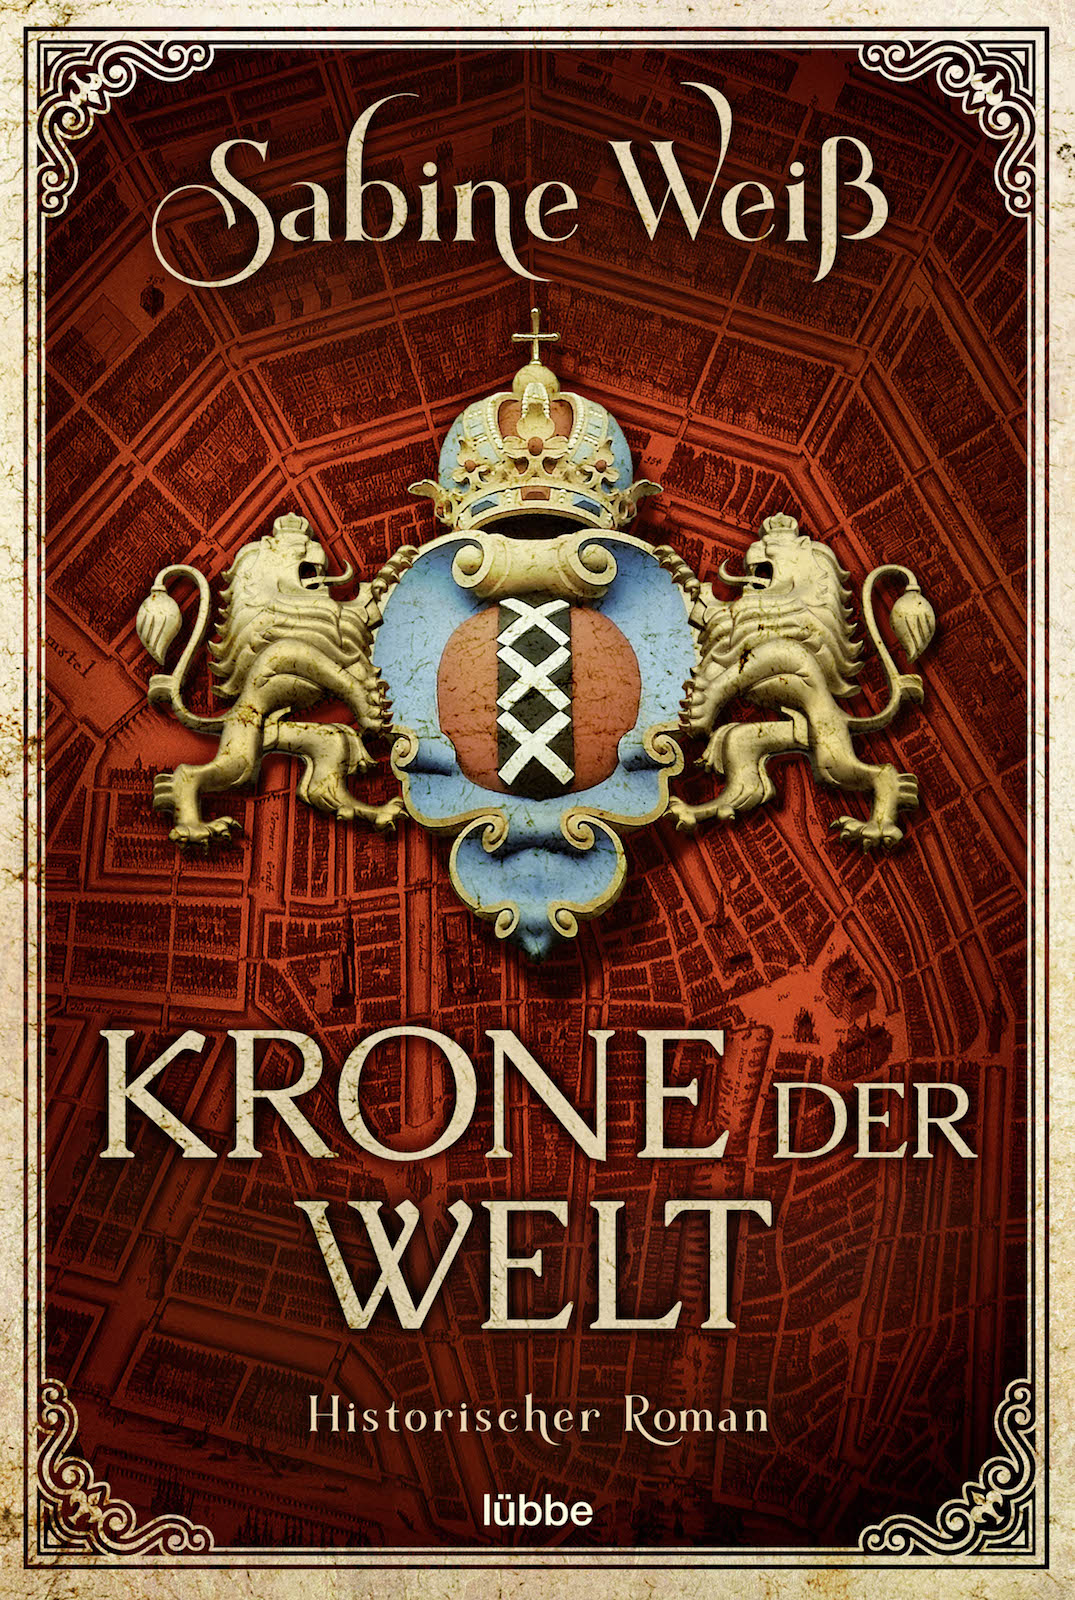 Sabine Weiß' neuer historischer Roman erscheint